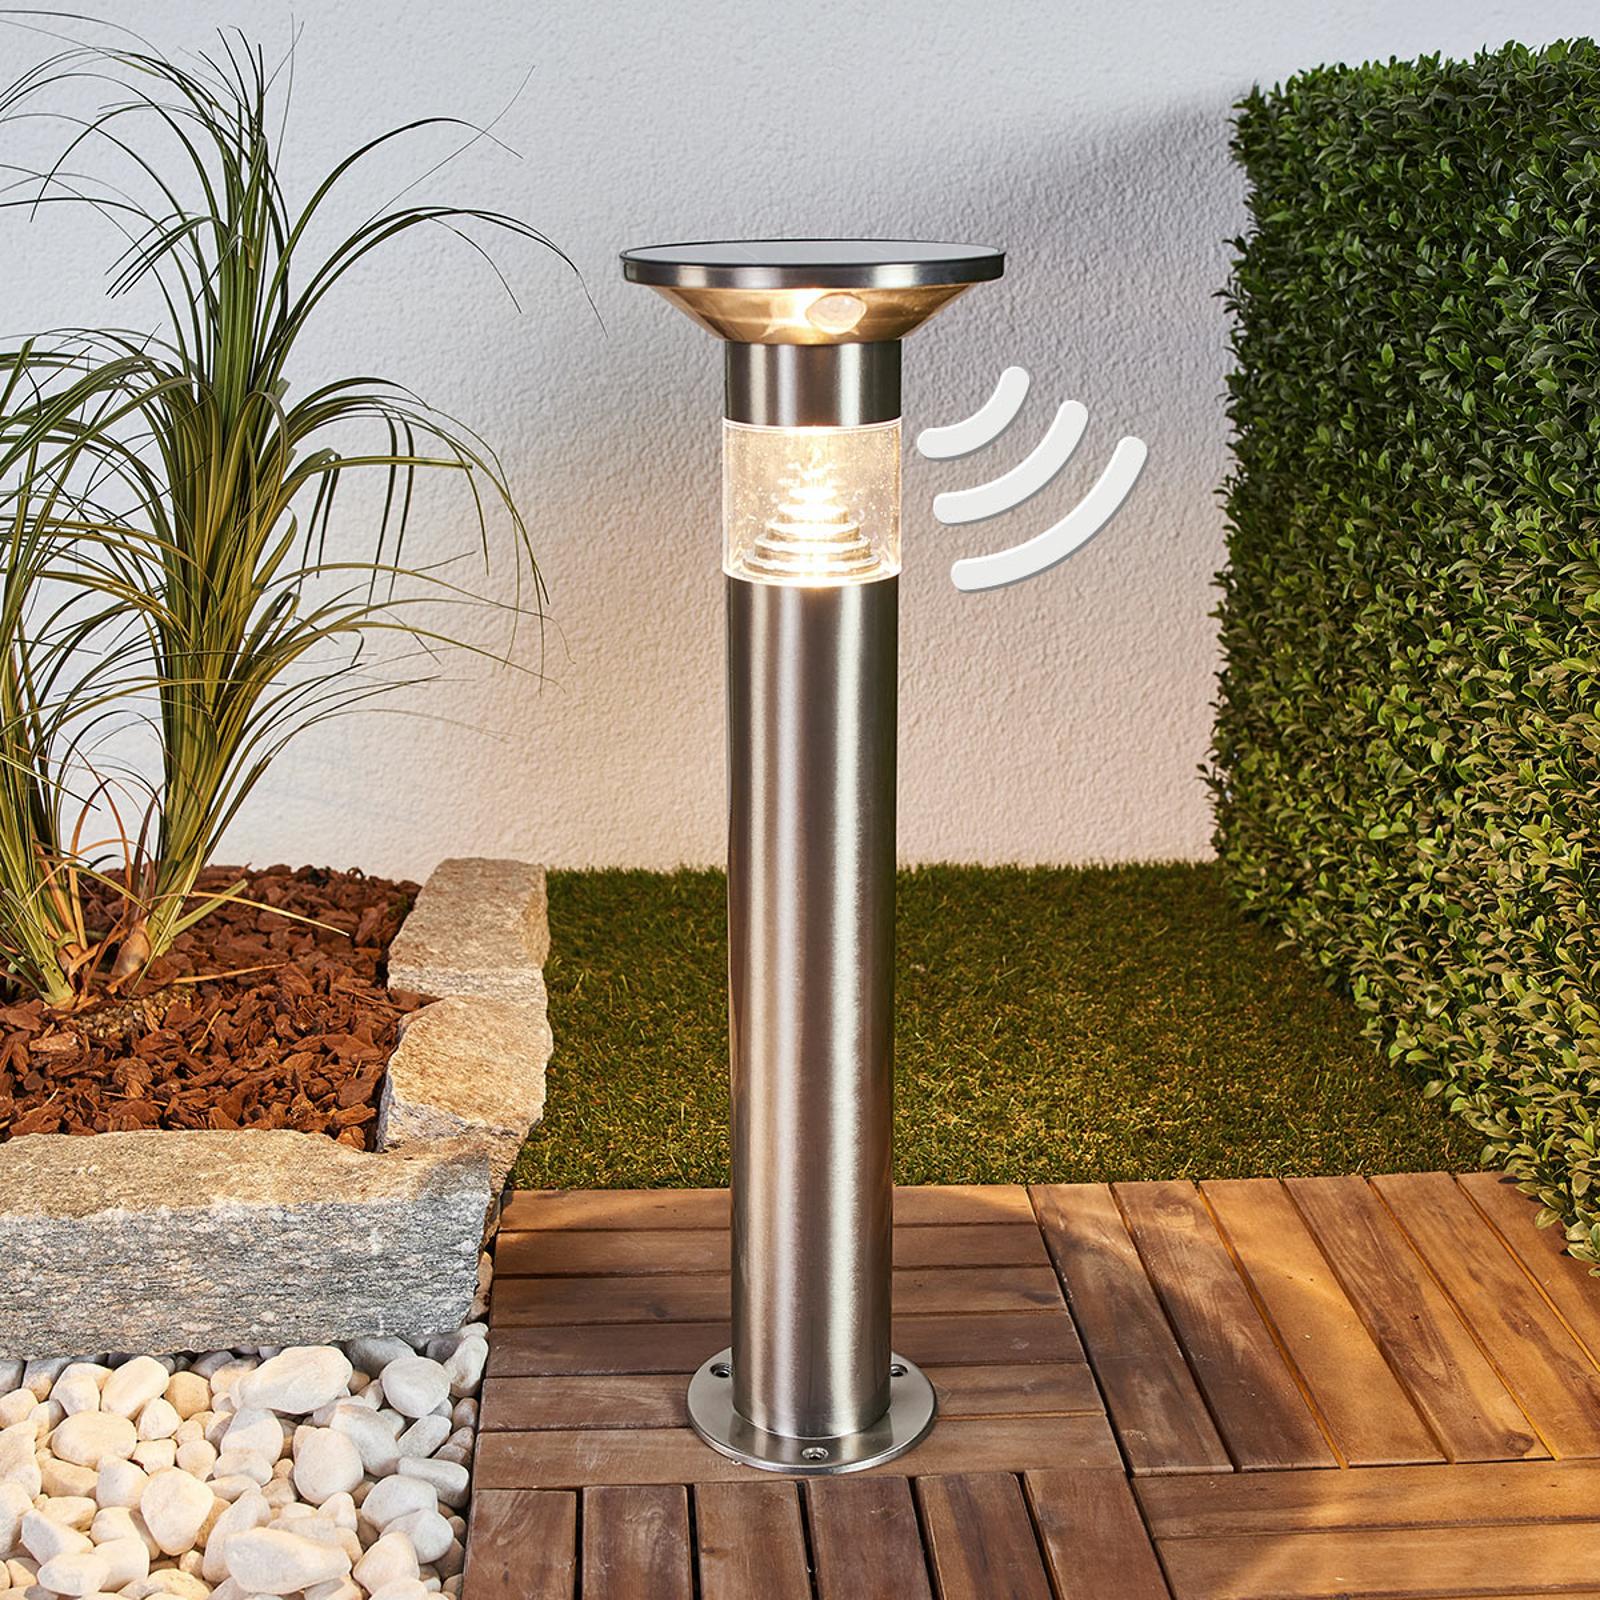 Potelet LED Jalisa, technologie solaire et capteur